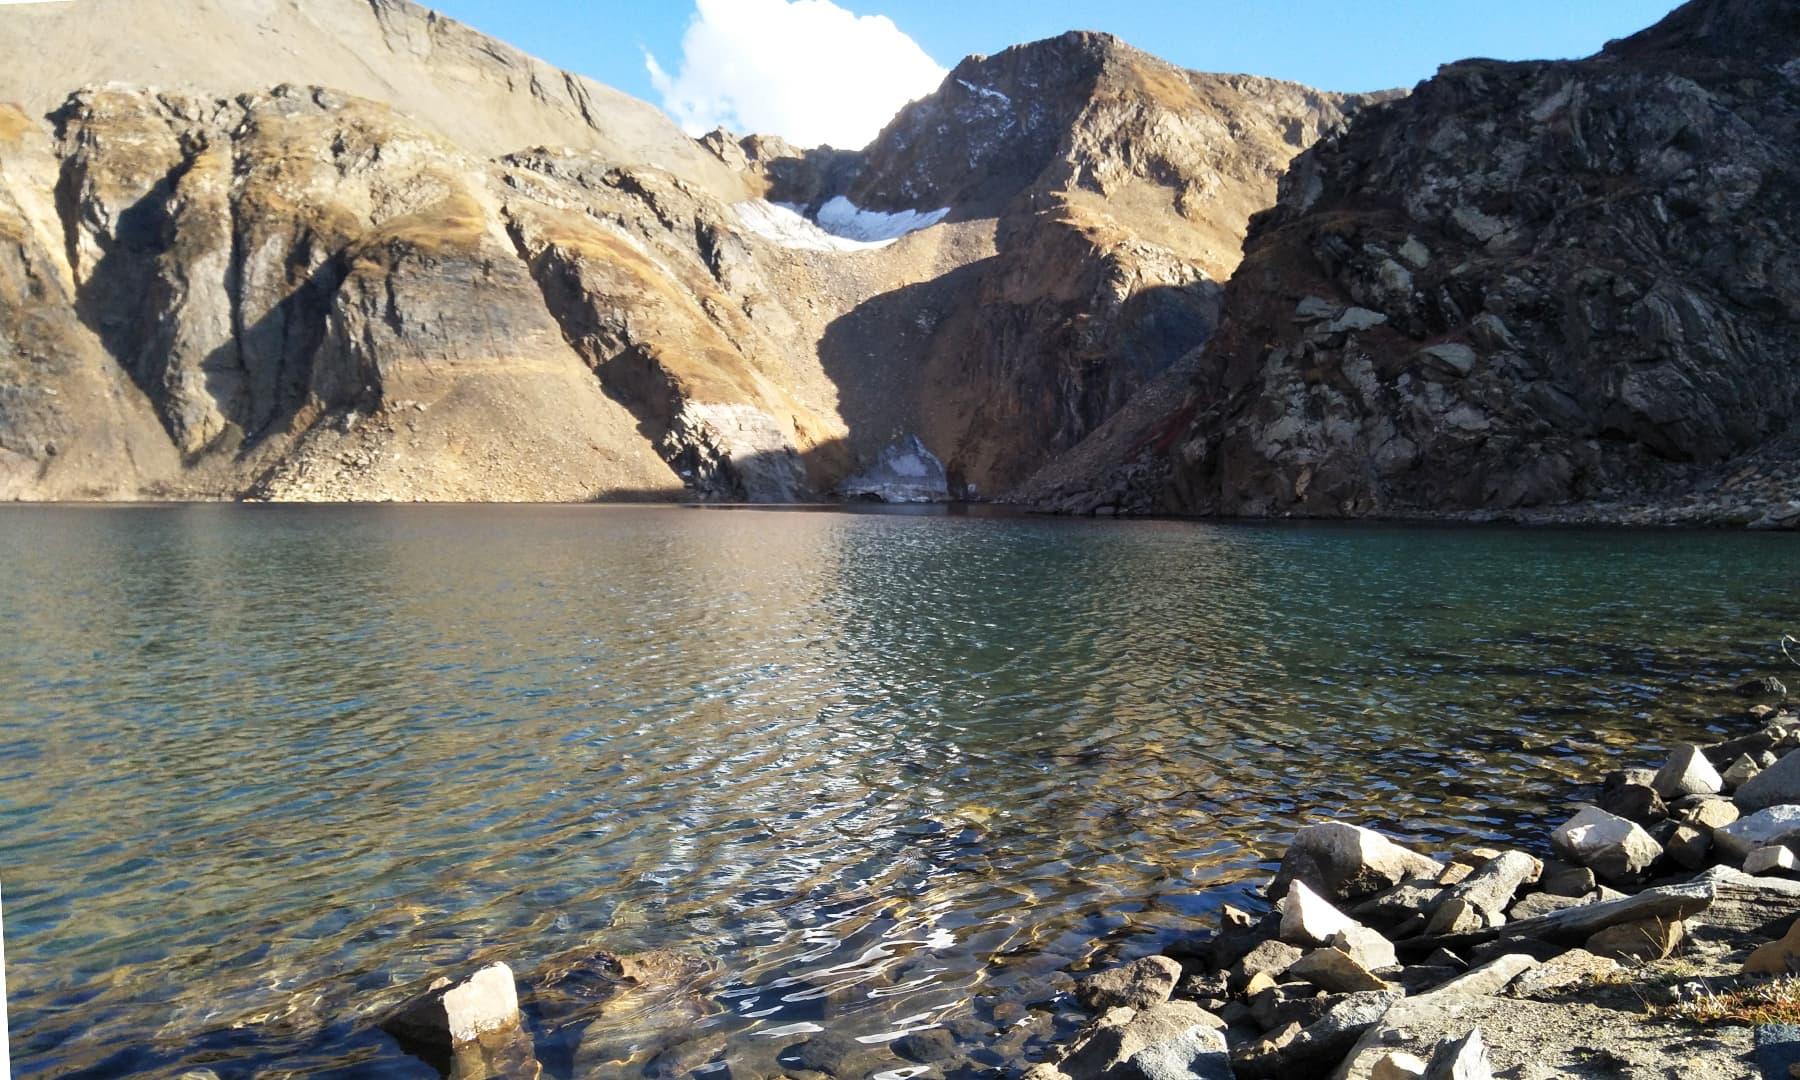 امید ہے کہ اگلے چند برسوں میں سیاحوں کی ایک بڑی تعداد اس جھیل کا سحر اپنی روح تک بسانے کے لیے یہاں آئے گی